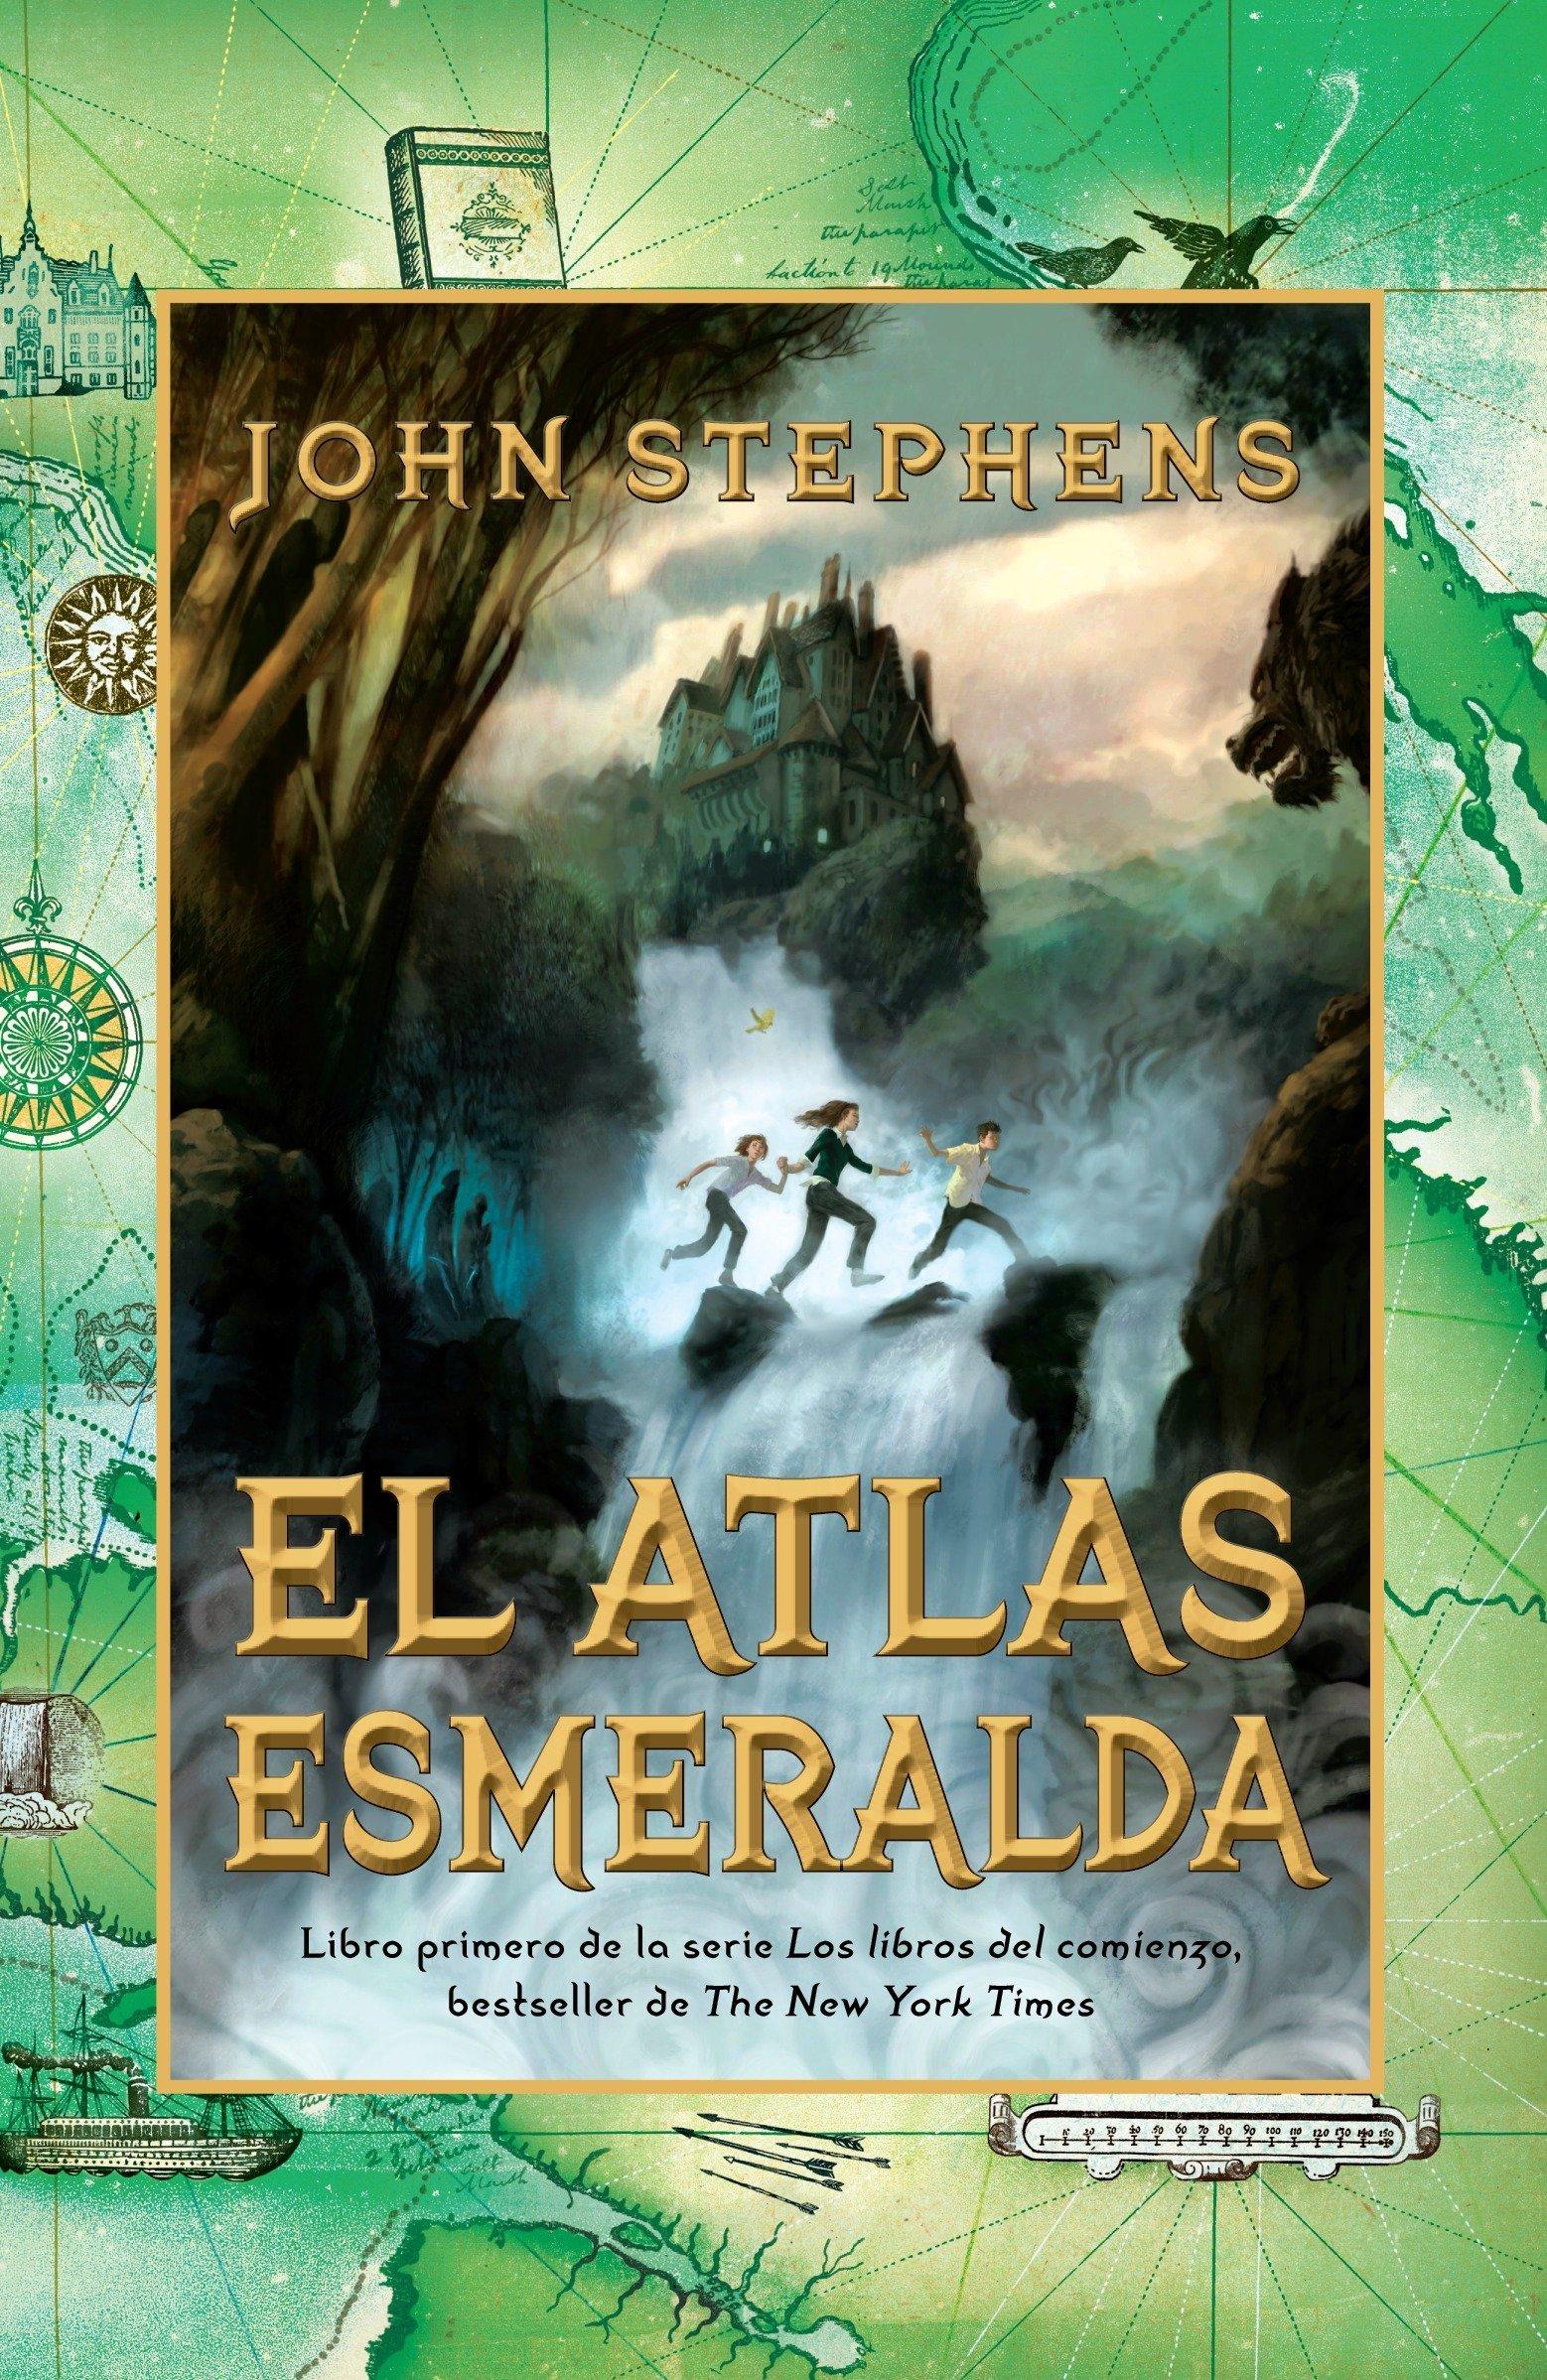 El atlas esmeralda: Los libros del comienzo (1) (Spanish Edition) (Spanish) Paperback – June 5, 2012